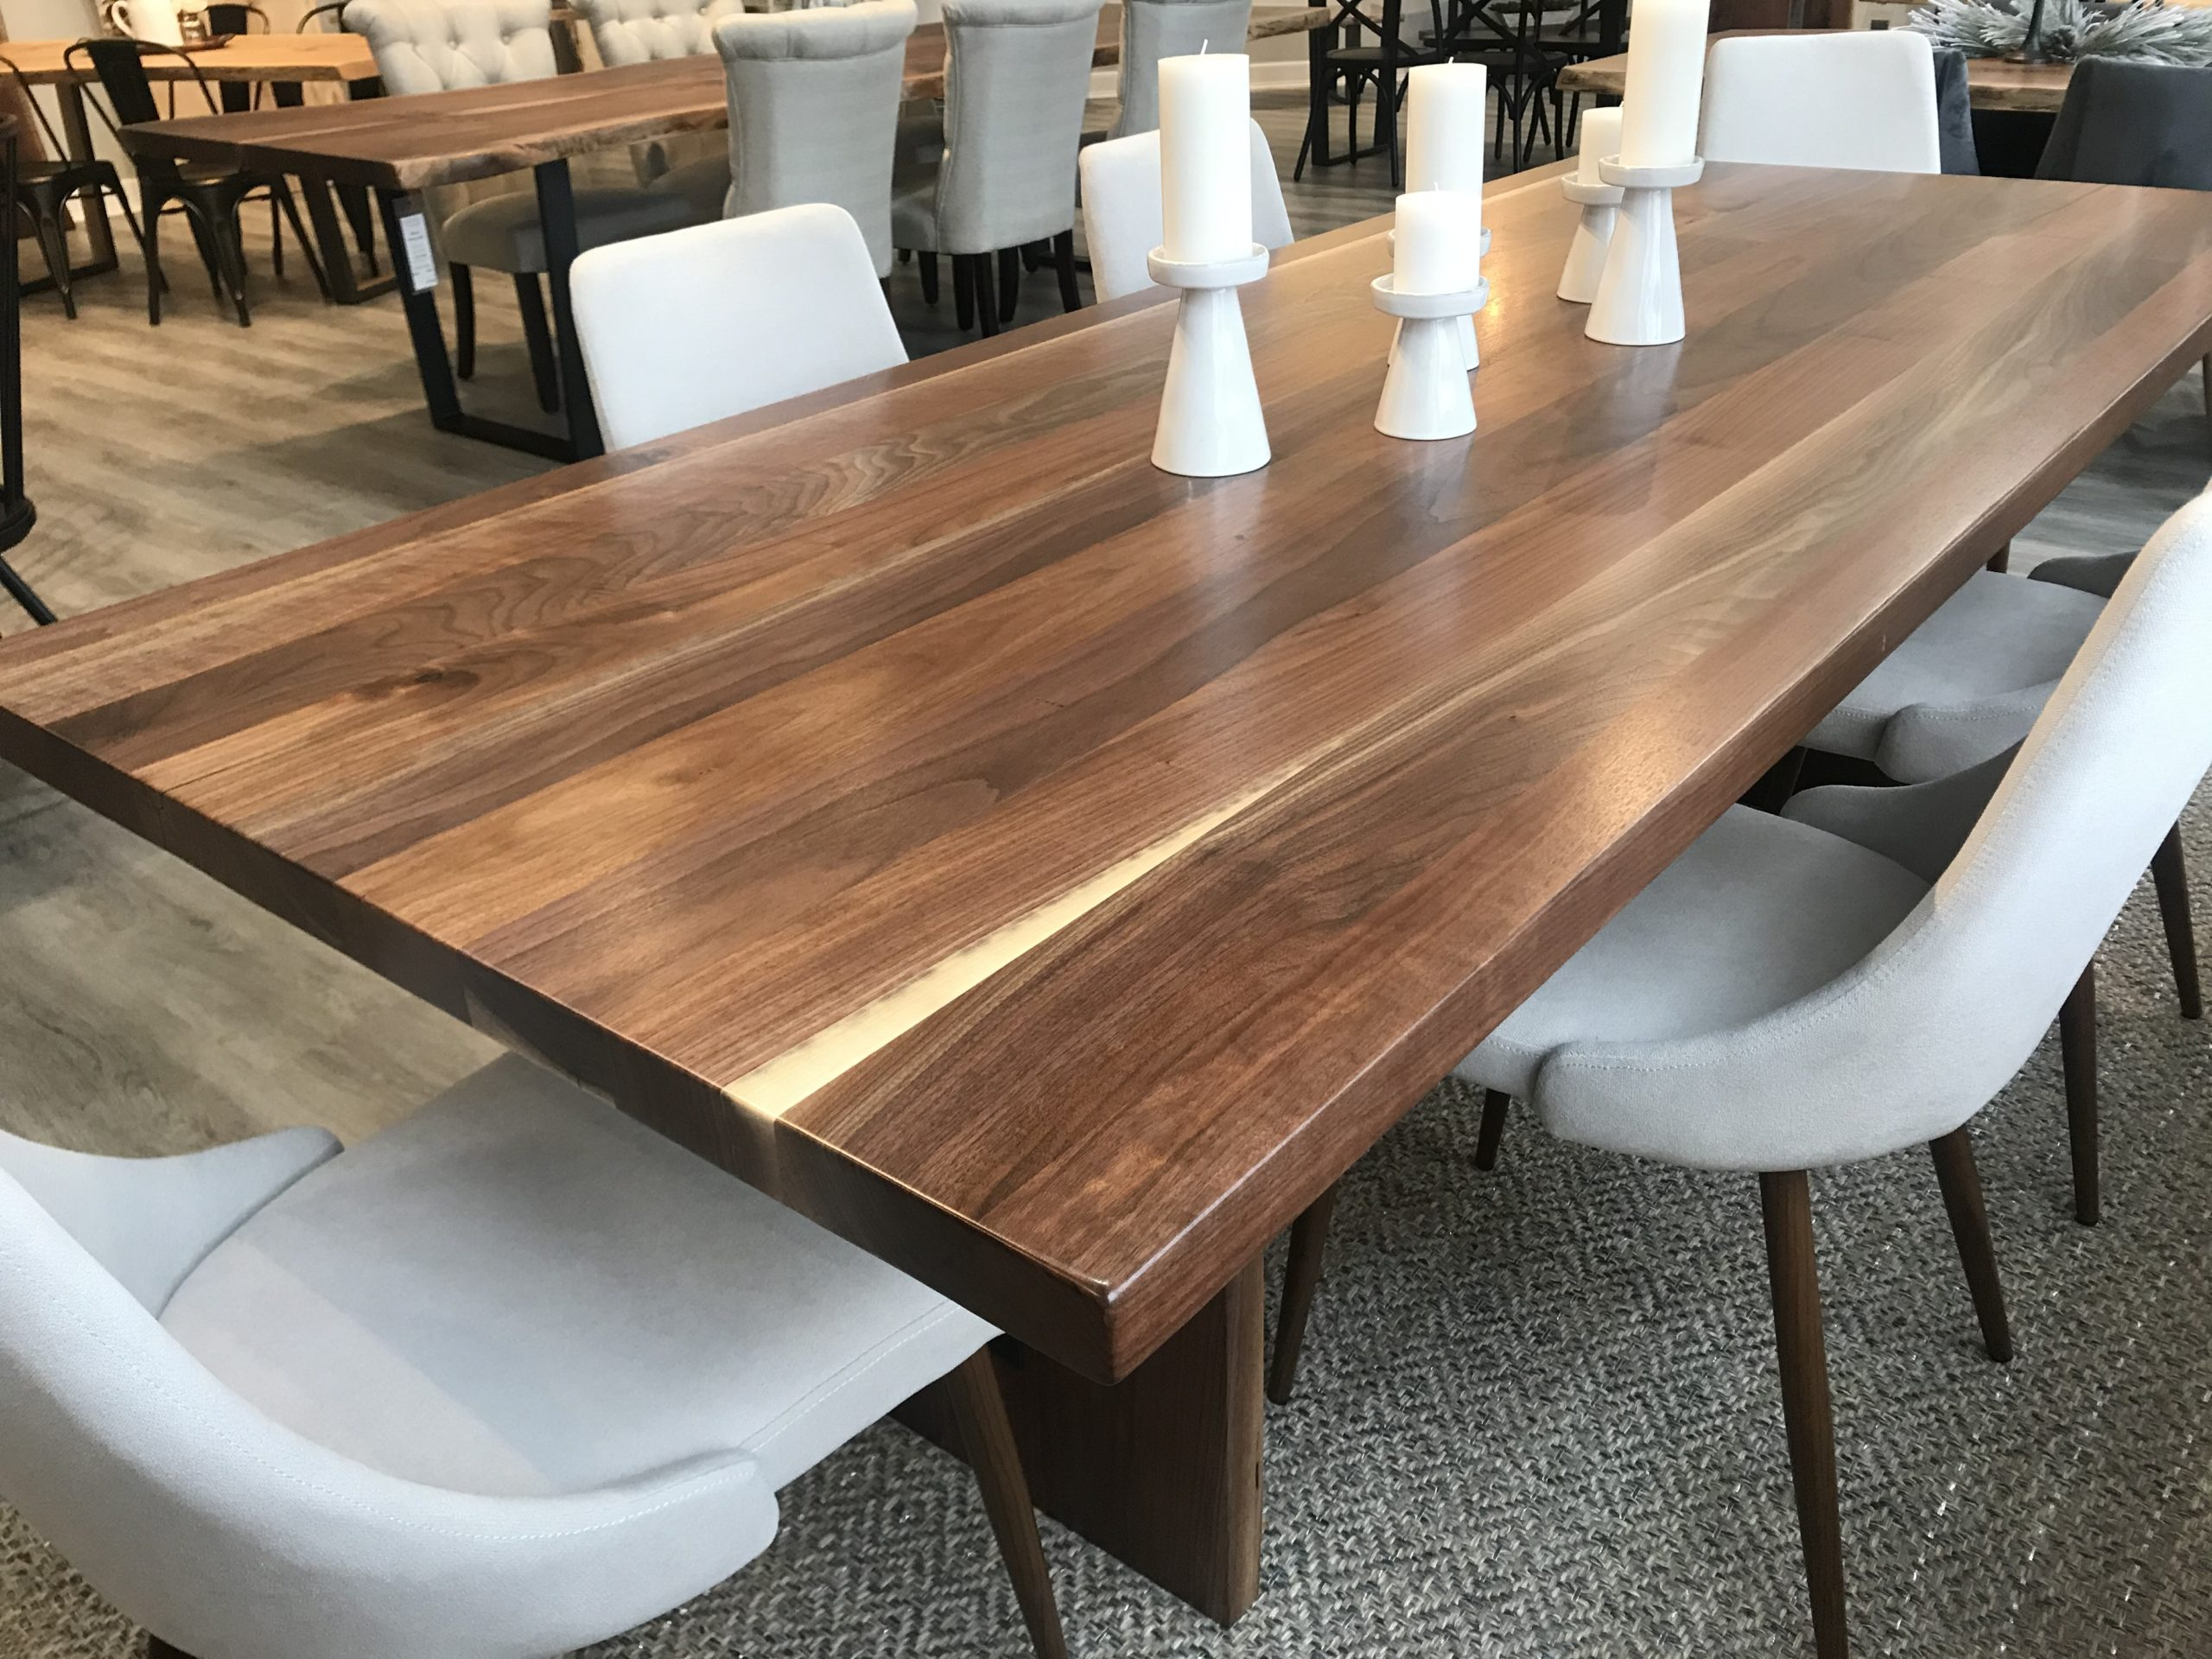 Venta Walnut Dining Table For 8 En, Walnut Dining Room